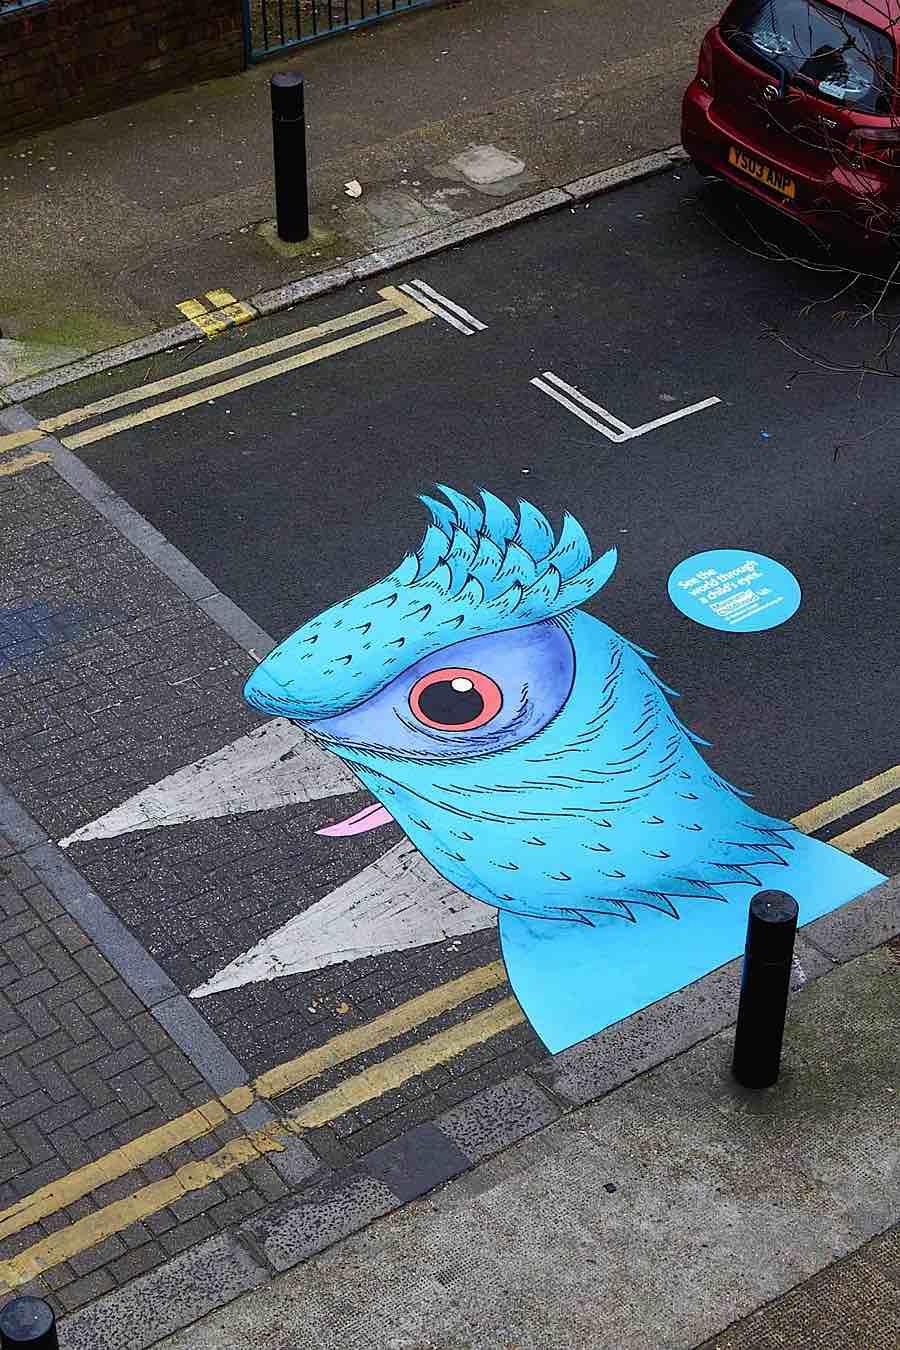 Du Street art pour découvrir le monde avec des yeux d'enfants (2)